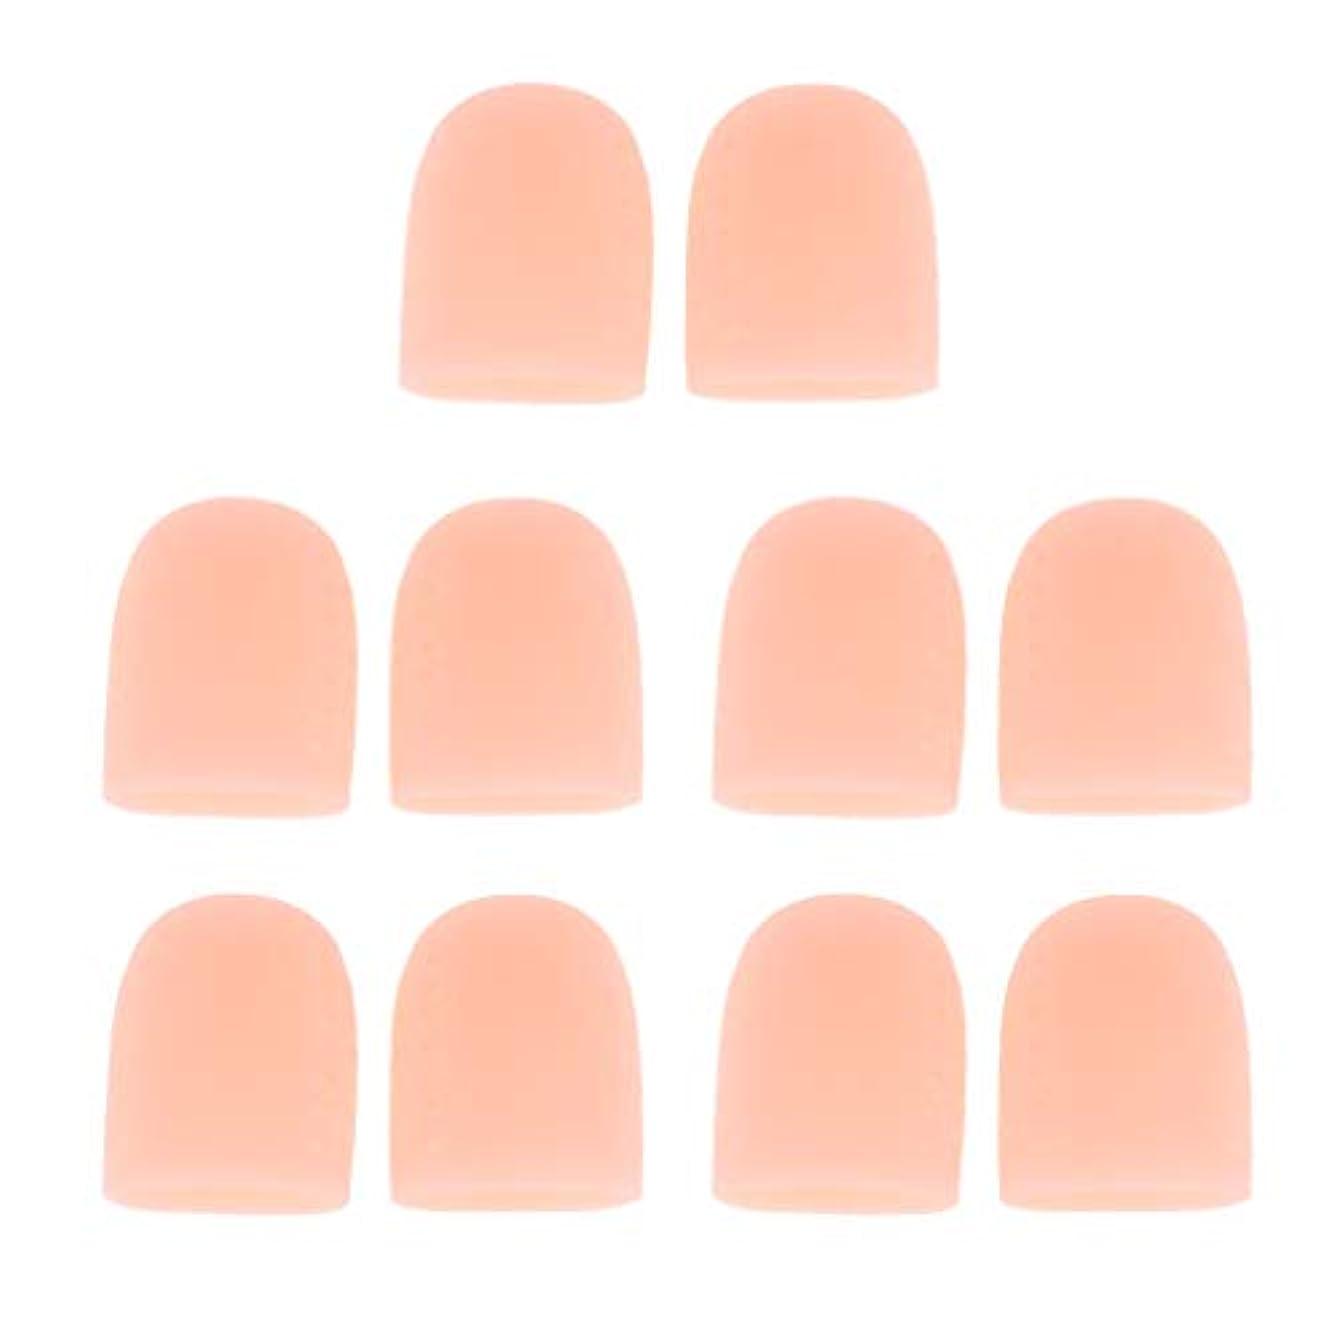 抗議一般的な引き渡す10個 つま先保護カバー 足指保護パッド 保護キャップ 爪先 指先保護 プロテクター 2色選べ - 肌